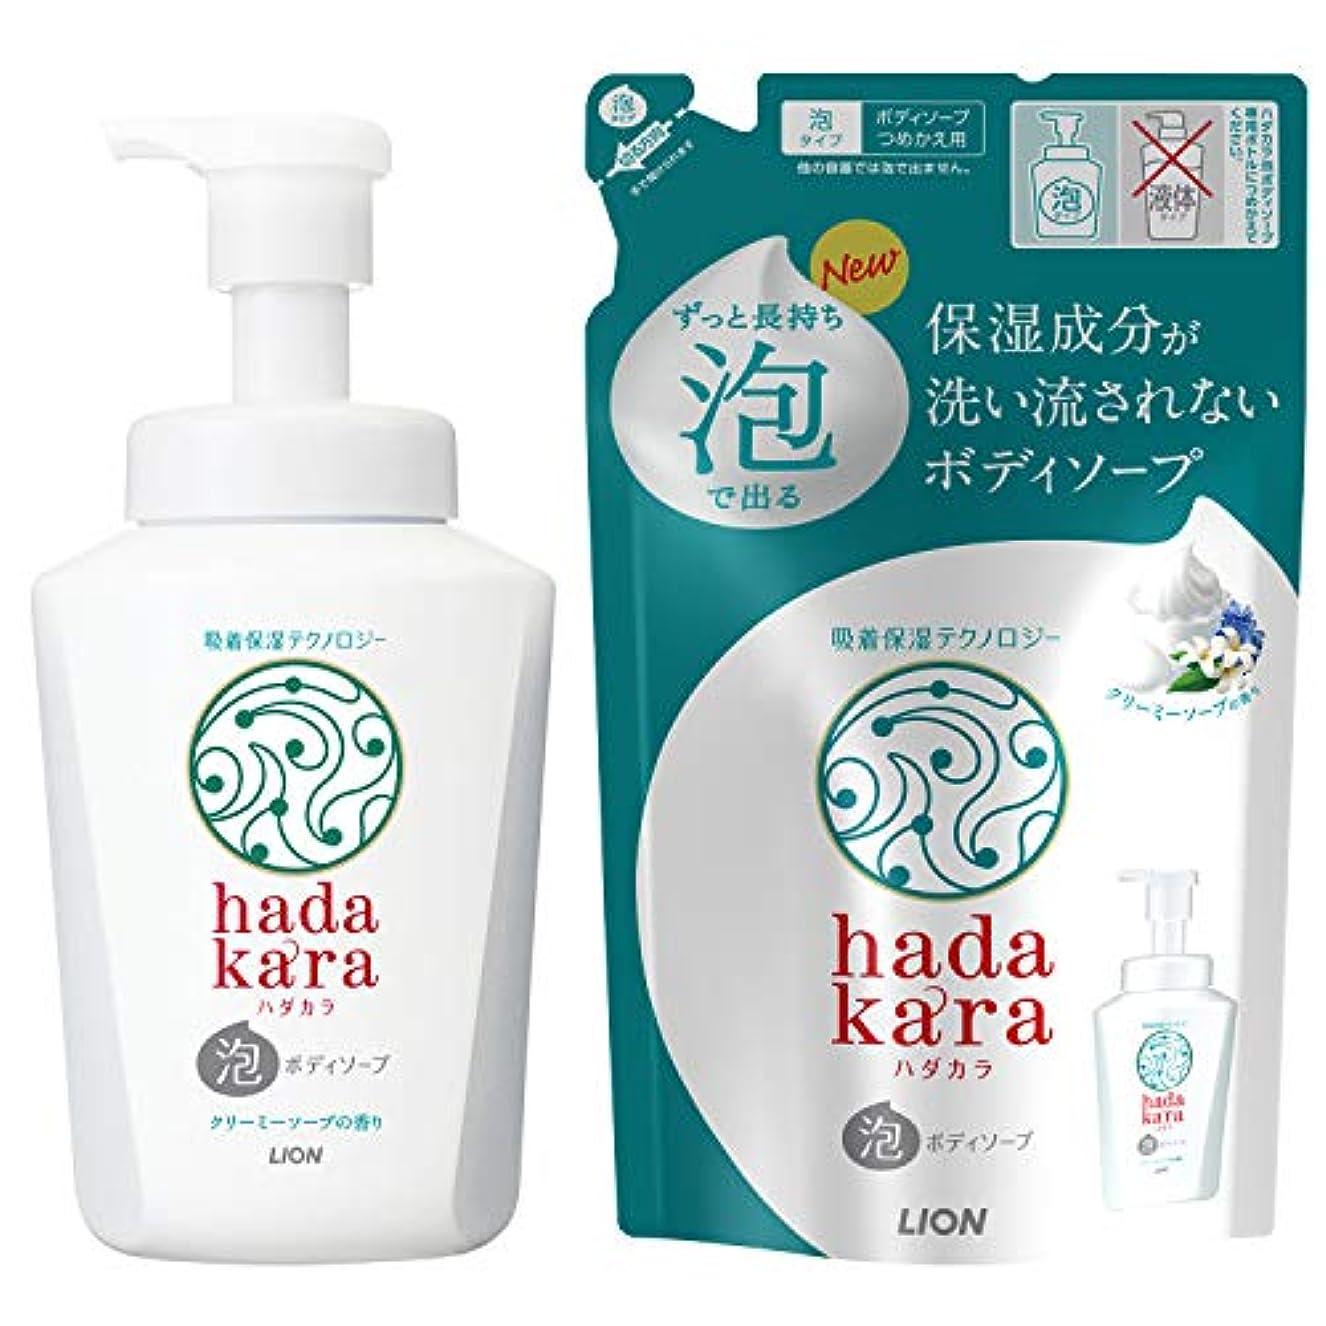 何鉛筆スキップhadakara(ハダカラ) ボディソープ 泡タイプ クリーミーソープの香り 本体550ml+詰替440ml